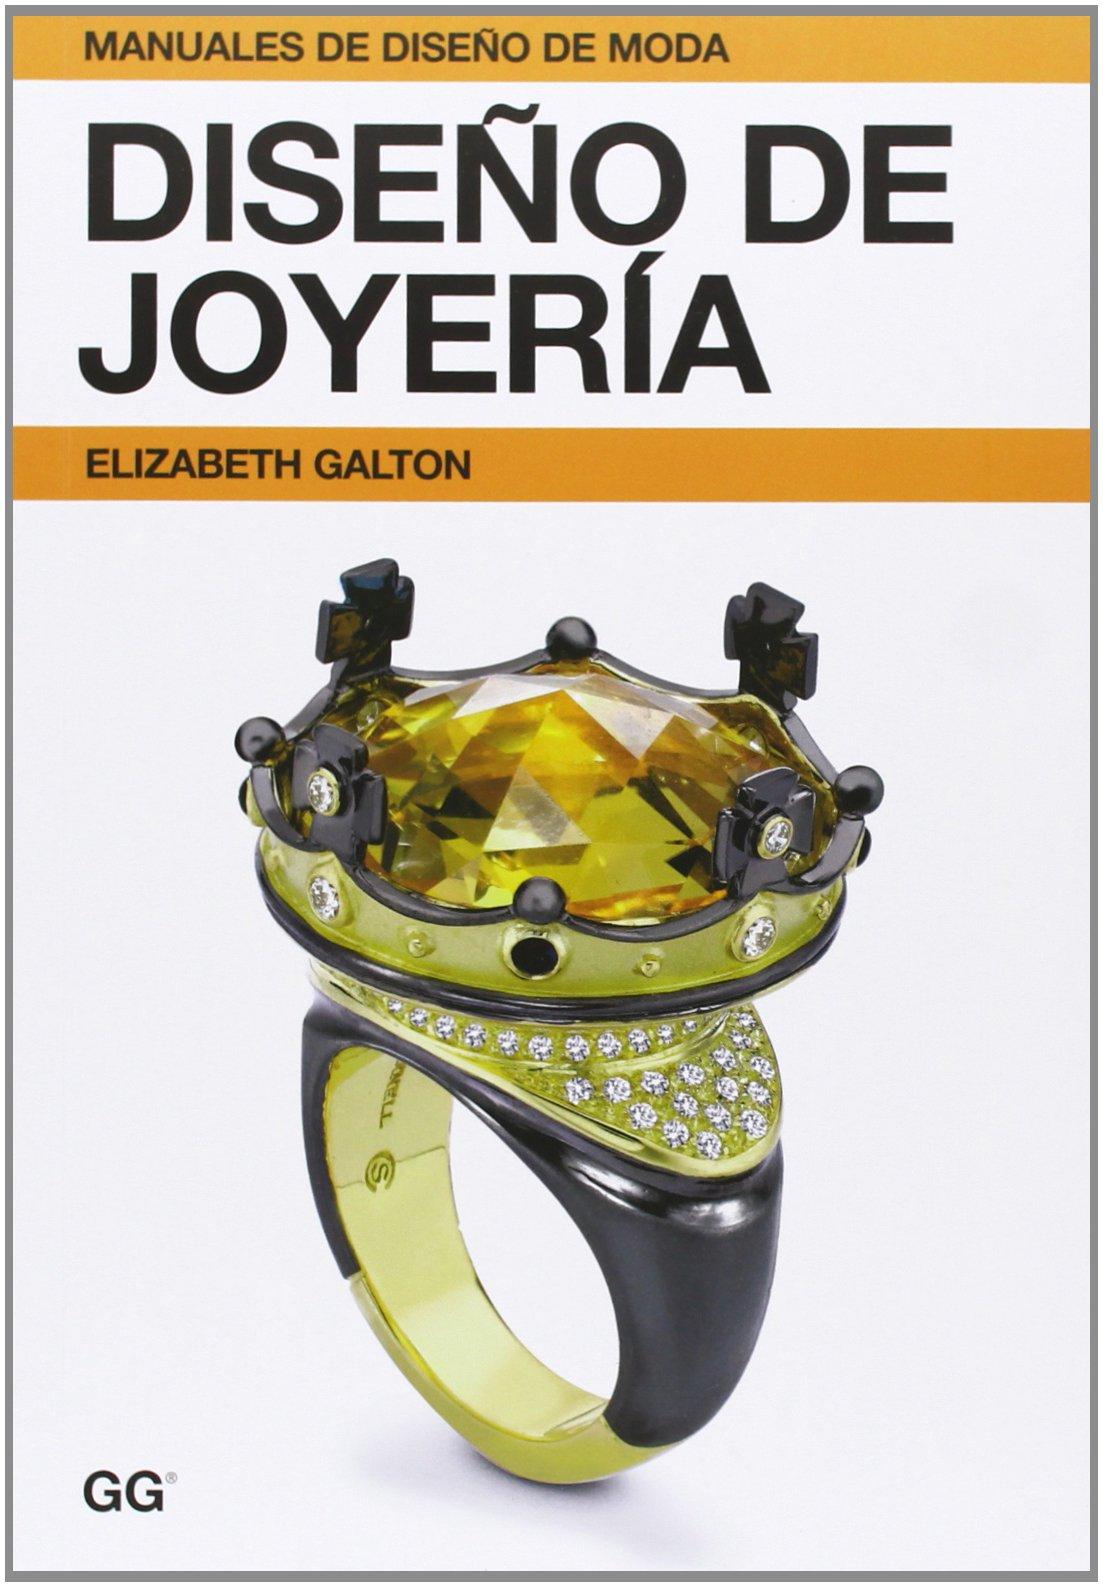 Diseño de joyería (Manuales de diseño de moda): Amazon.es: Galton, Elizabeth, Rodríguez Fernández, Indara: Libros